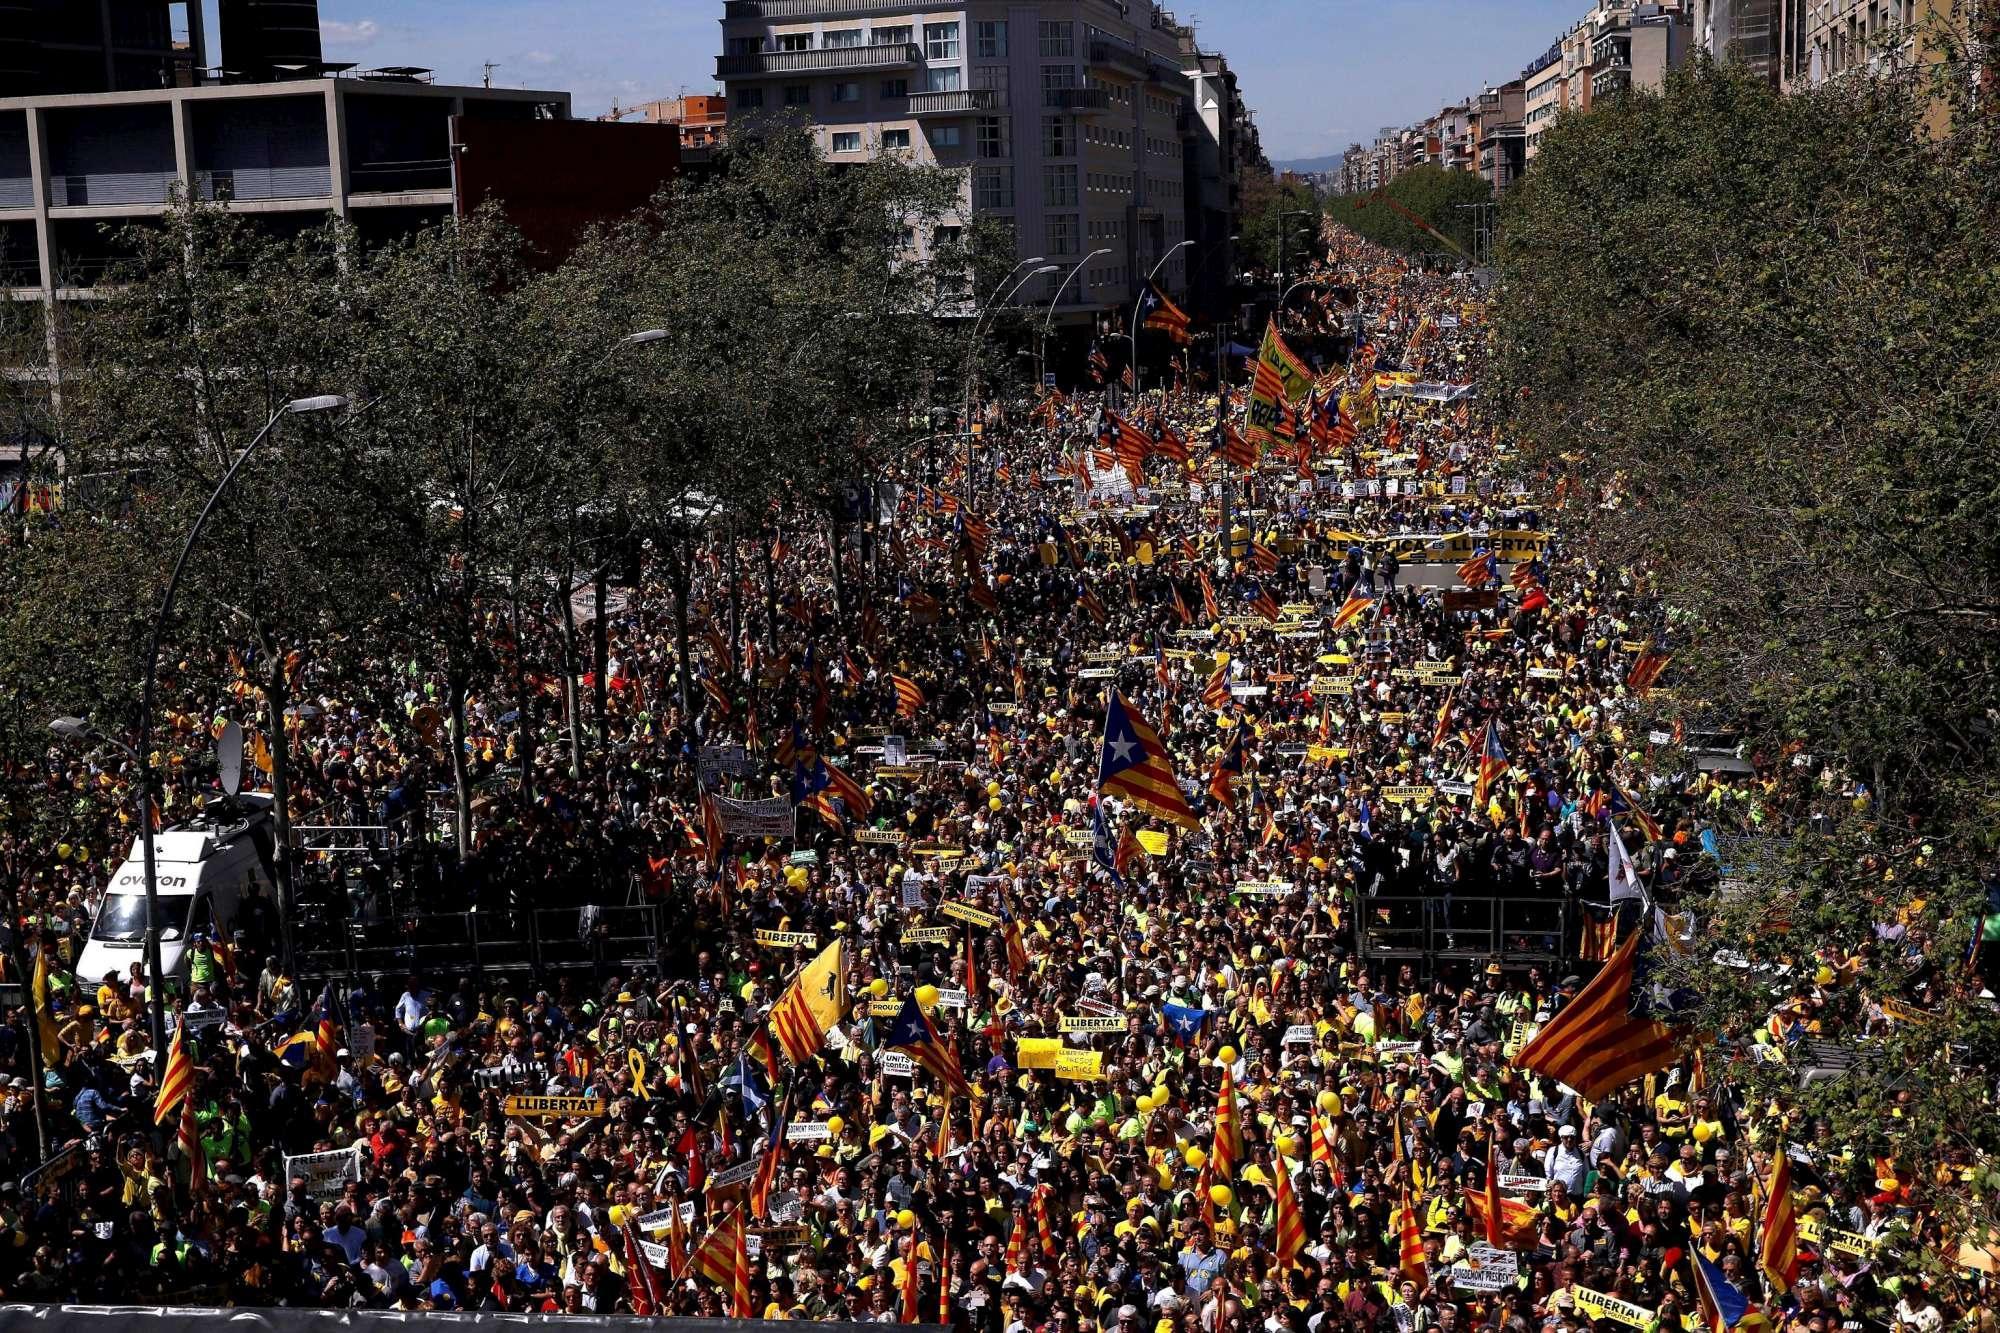 Catalogna, protesta a Barcellona: in migliaia chiedono il rilascio dei leader indipendentisti